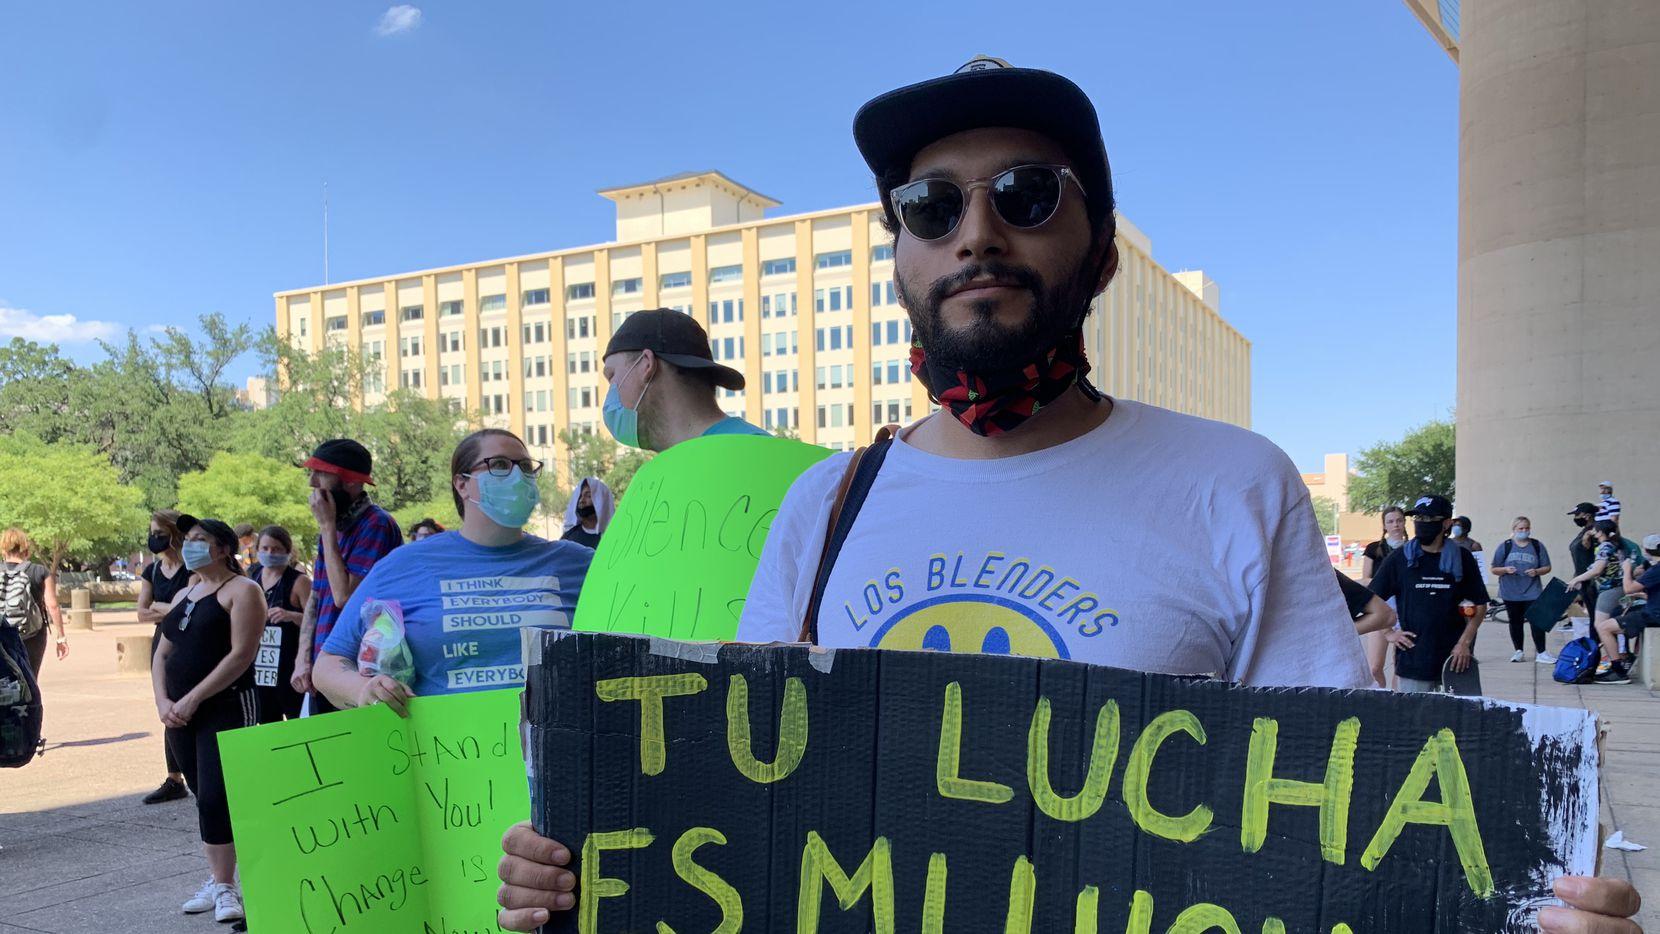 En esta fotografía de archivo del 4 de junio de 2020 en Dallas, Texas, se ve a Héctor Andrés Maldonado, 24, quien dijo en una manifestación del movimiento Black Lives Matter que no solo luchan por solidaridad con la comunidad afroamericana, sino también para defender los derechos de los hispanos.